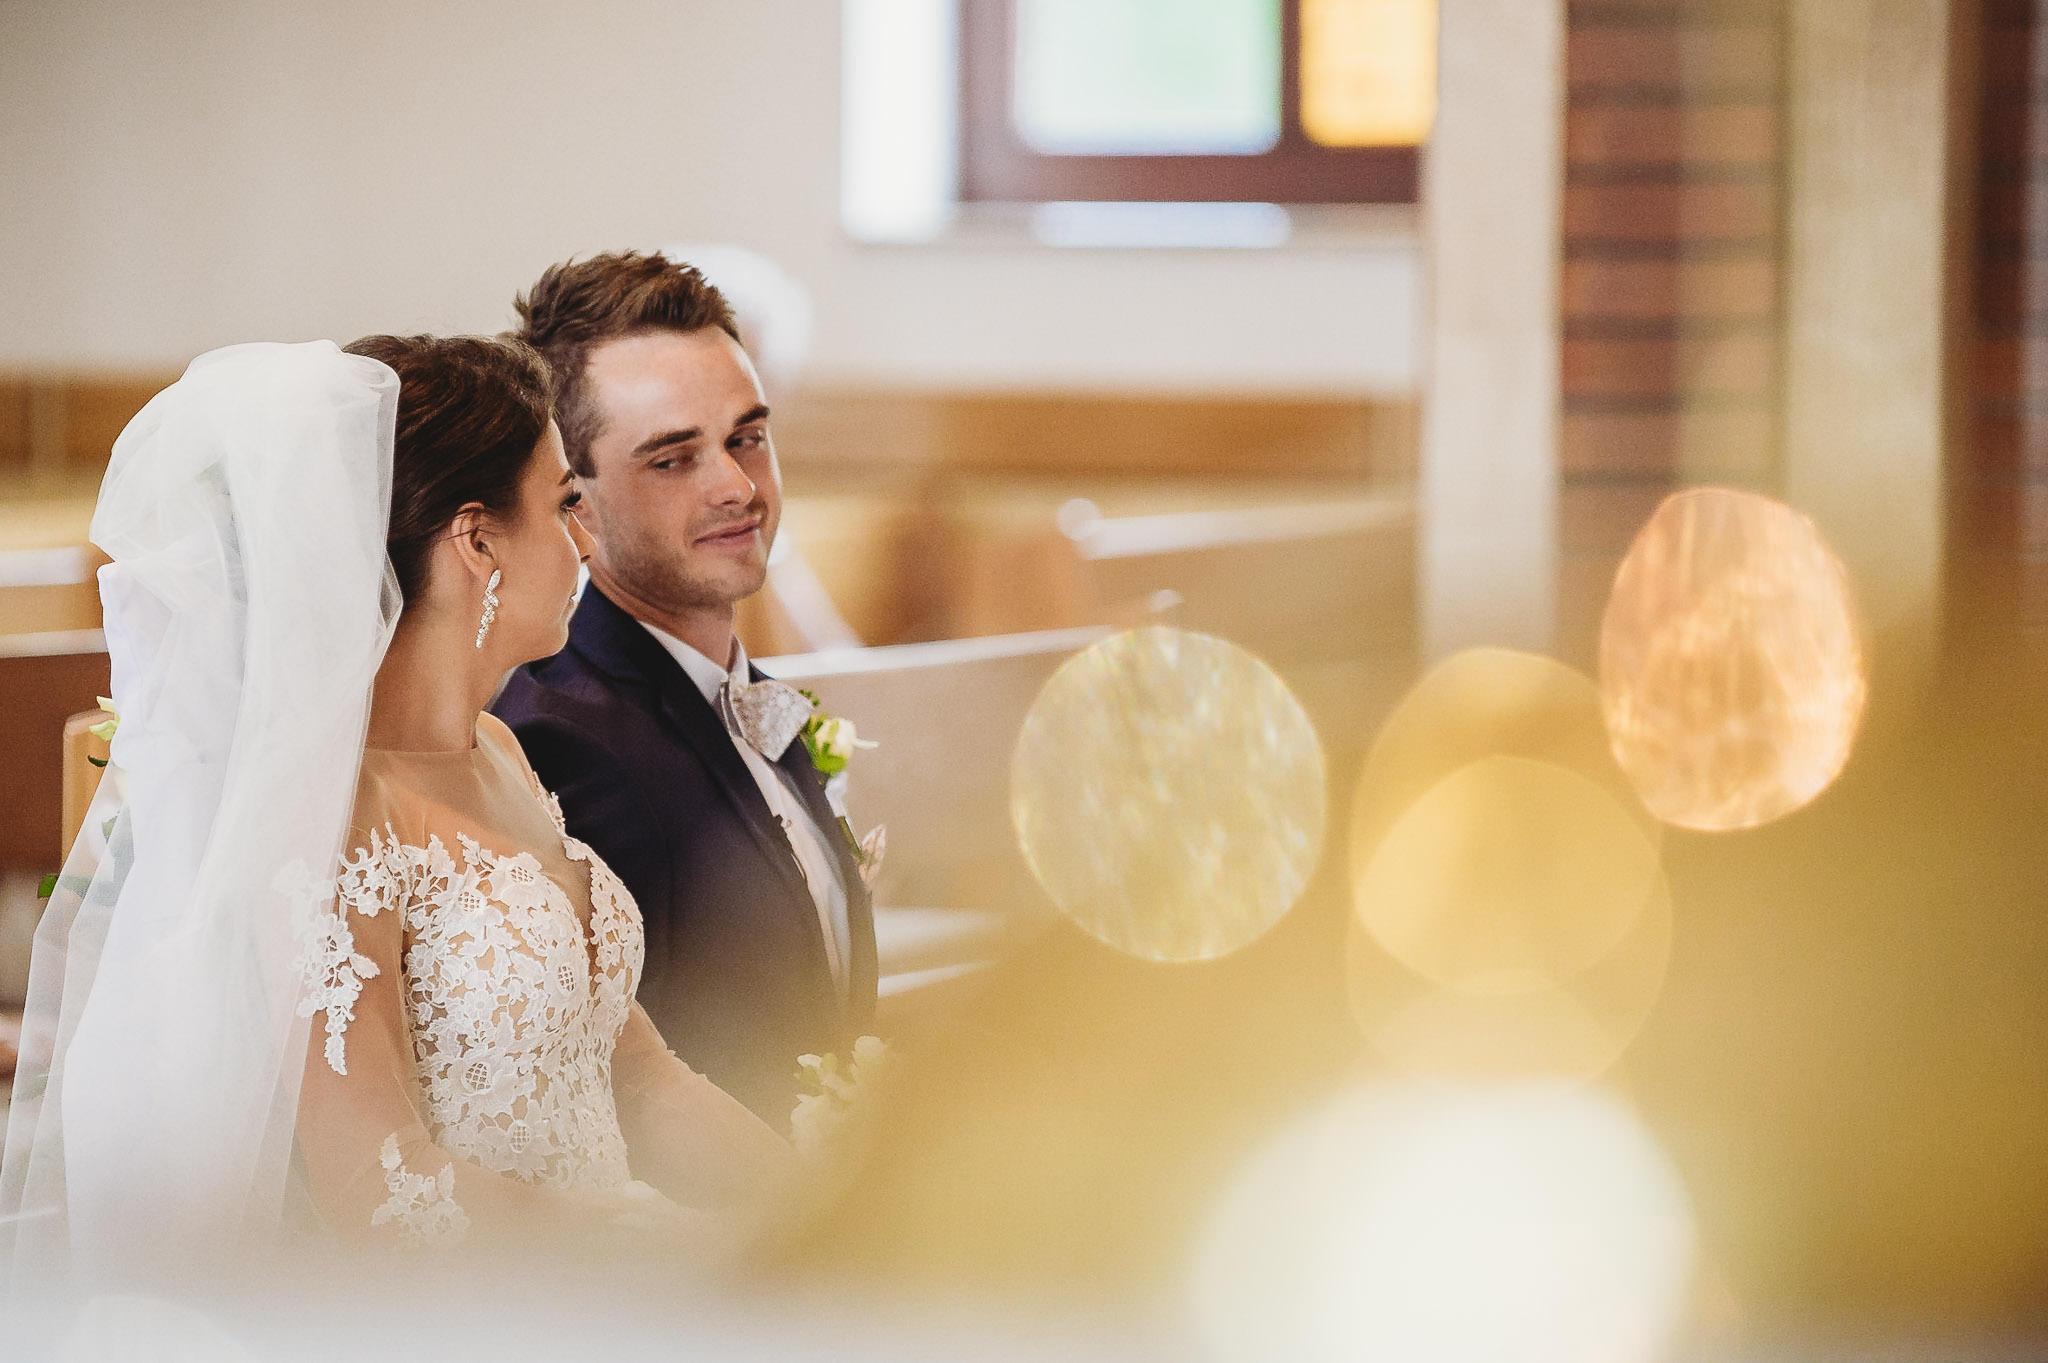 Angelika i Michał, piękne zdjęcia ślubne i sesja plenerowa w Gołuchowie 100